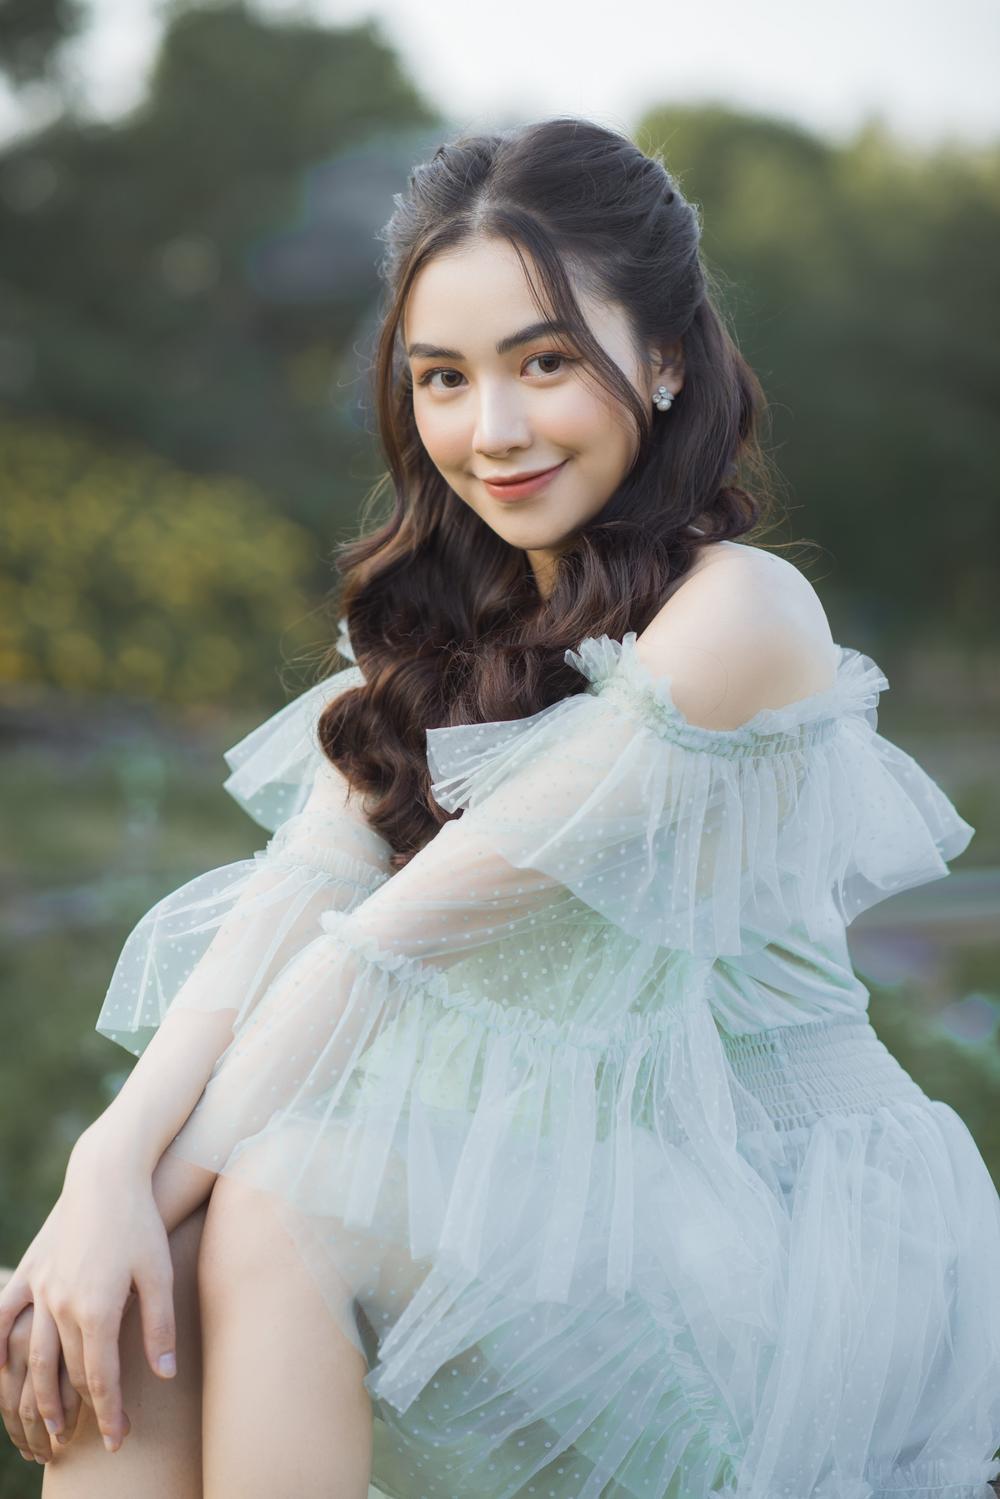 Nữ sinh ĐH Văn hóa nghệ thuật Quân đội với ngoại hình xinh đẹp, chia sẻ niềm đam mê đặc biệt với âm nhạc Ảnh 8